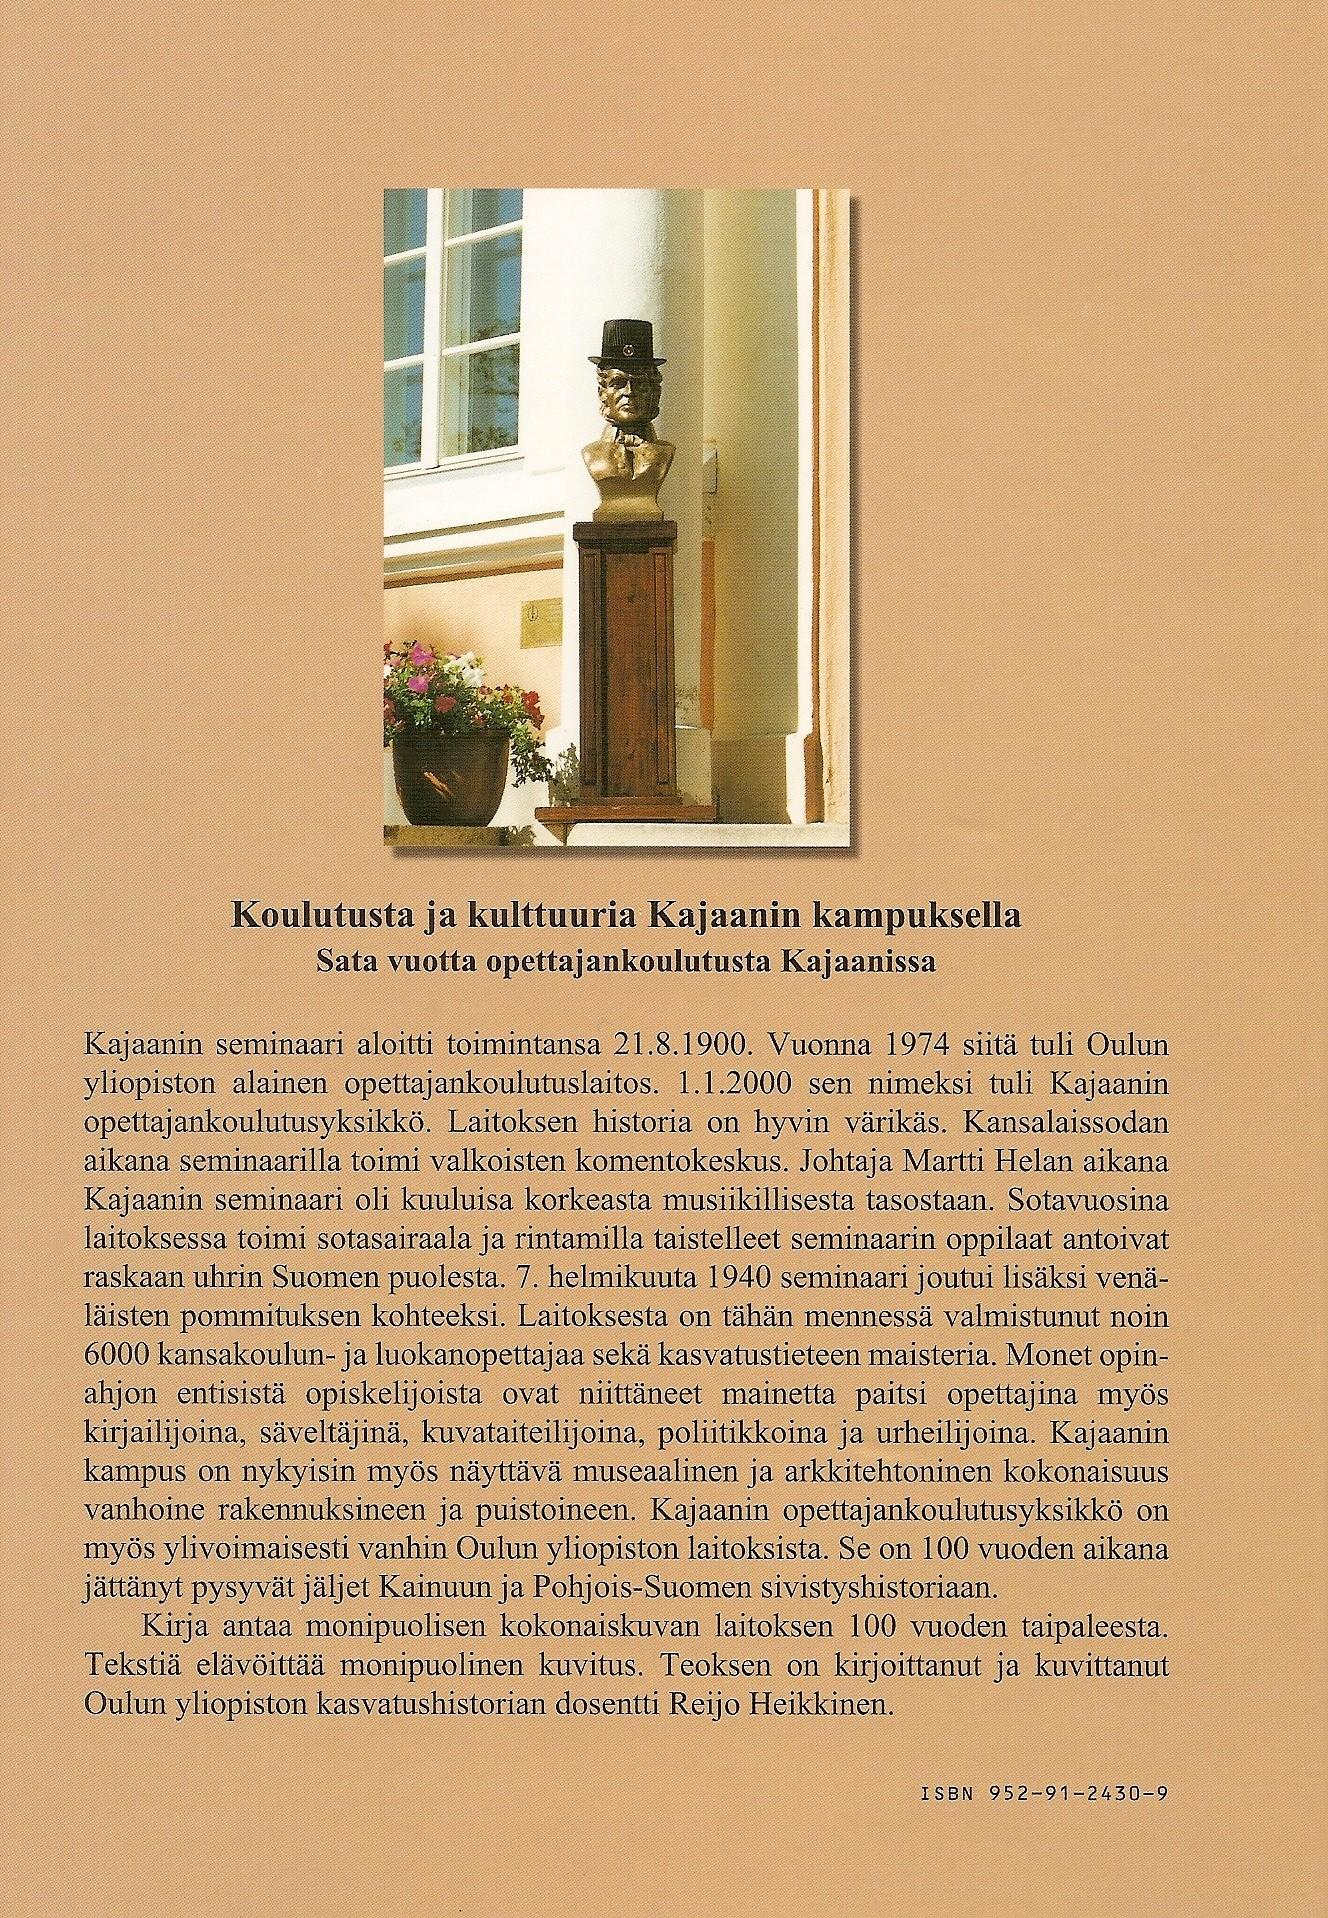 Koulutusta ja kulttuuria Kajaanin kampuksella 2000 takakansi